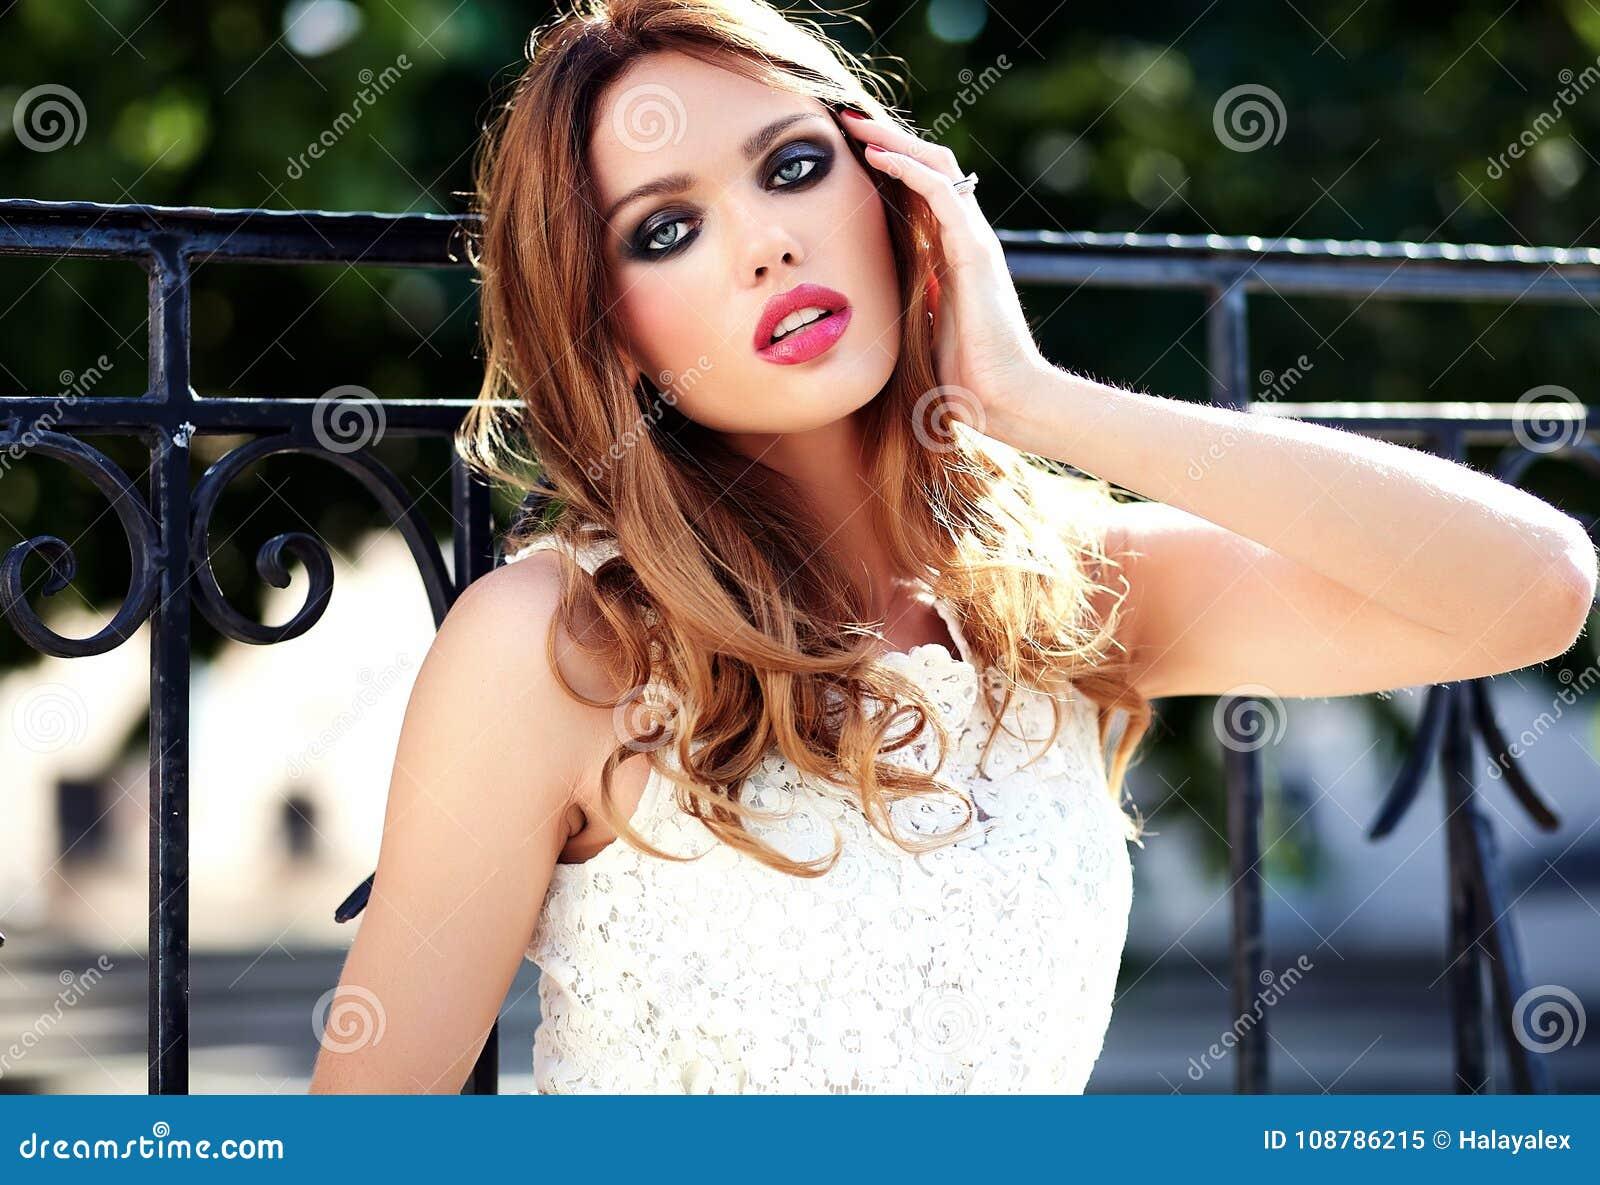 Фото моделей женщин на улицах города — photo 9